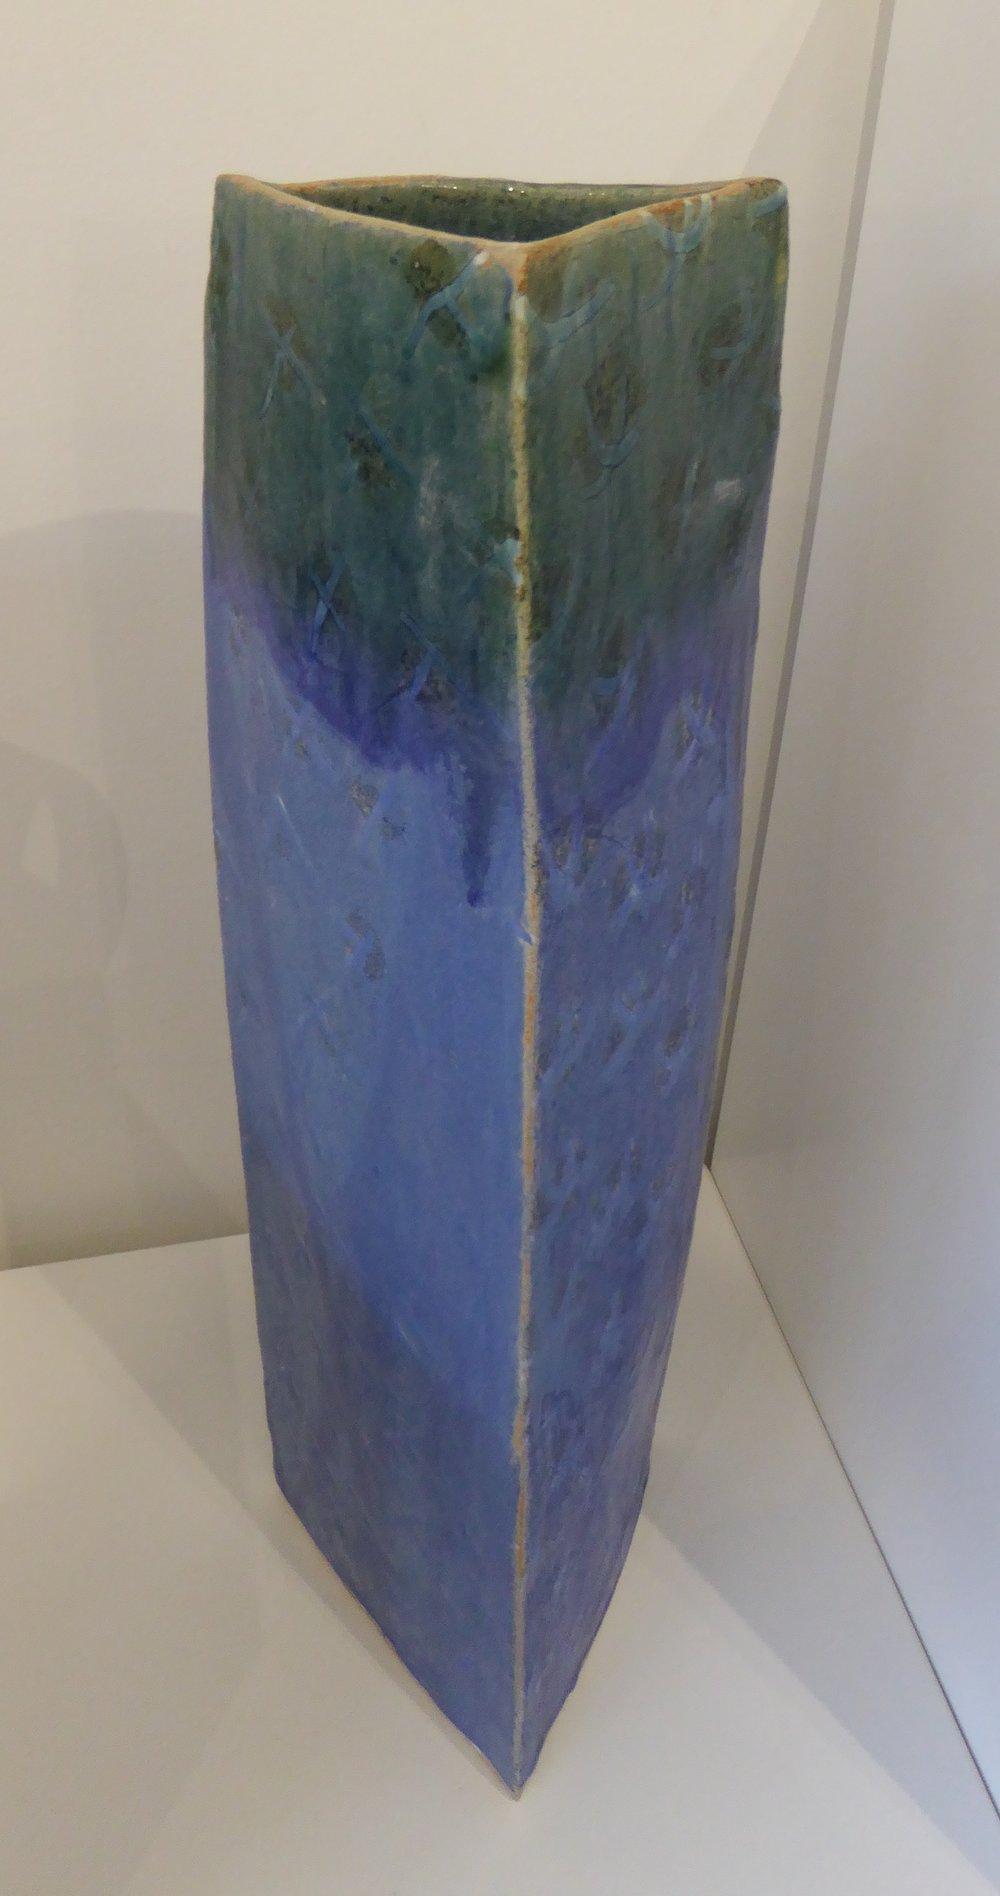 Ceramics  17cm x 56cm  £95